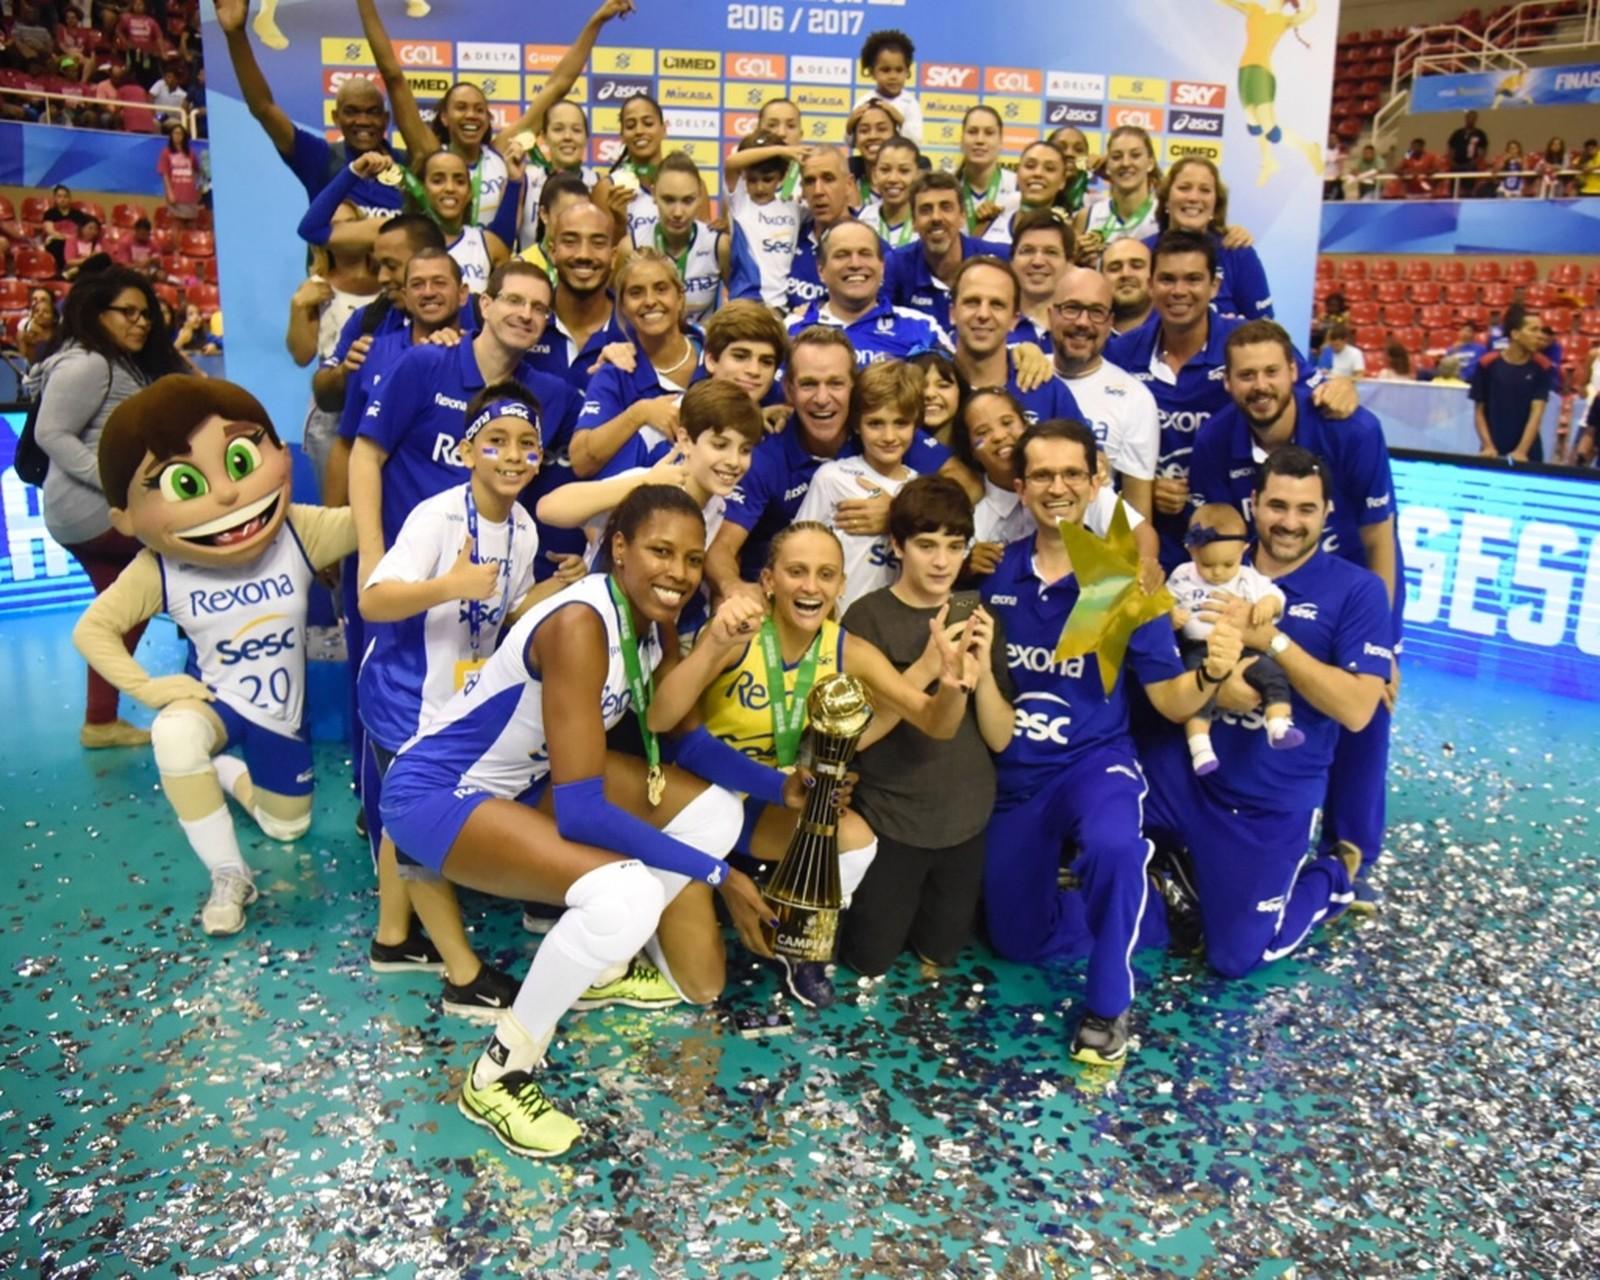 Rio de Janeiro VC Pentacampeão Brasileiro Feminino de Voleibol de 2012 13  2013 14 2014 15 2015 16 2016 17 e1aa048286d5d